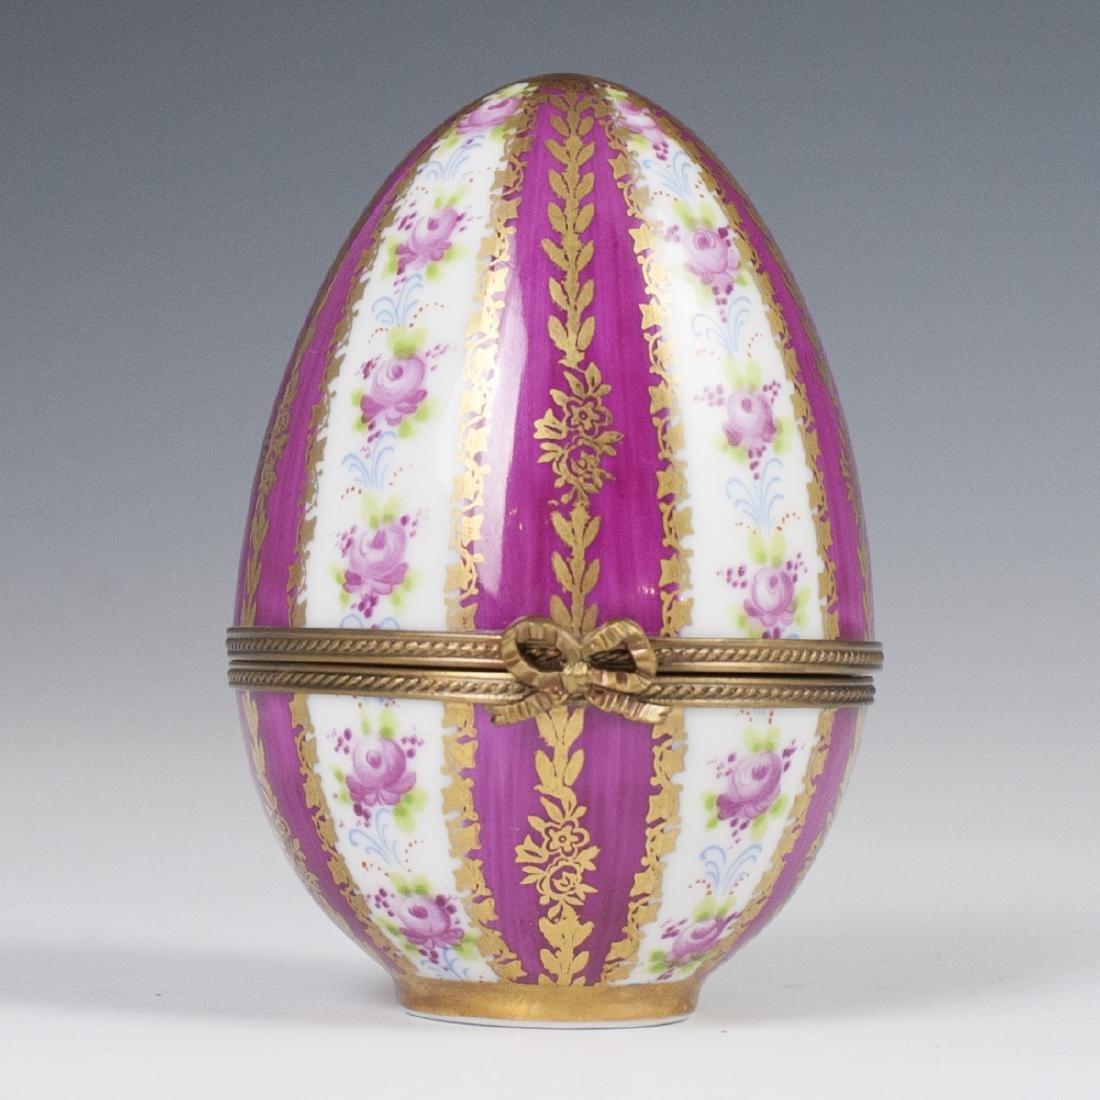 Limoges Porcelain Egg Trinket Box